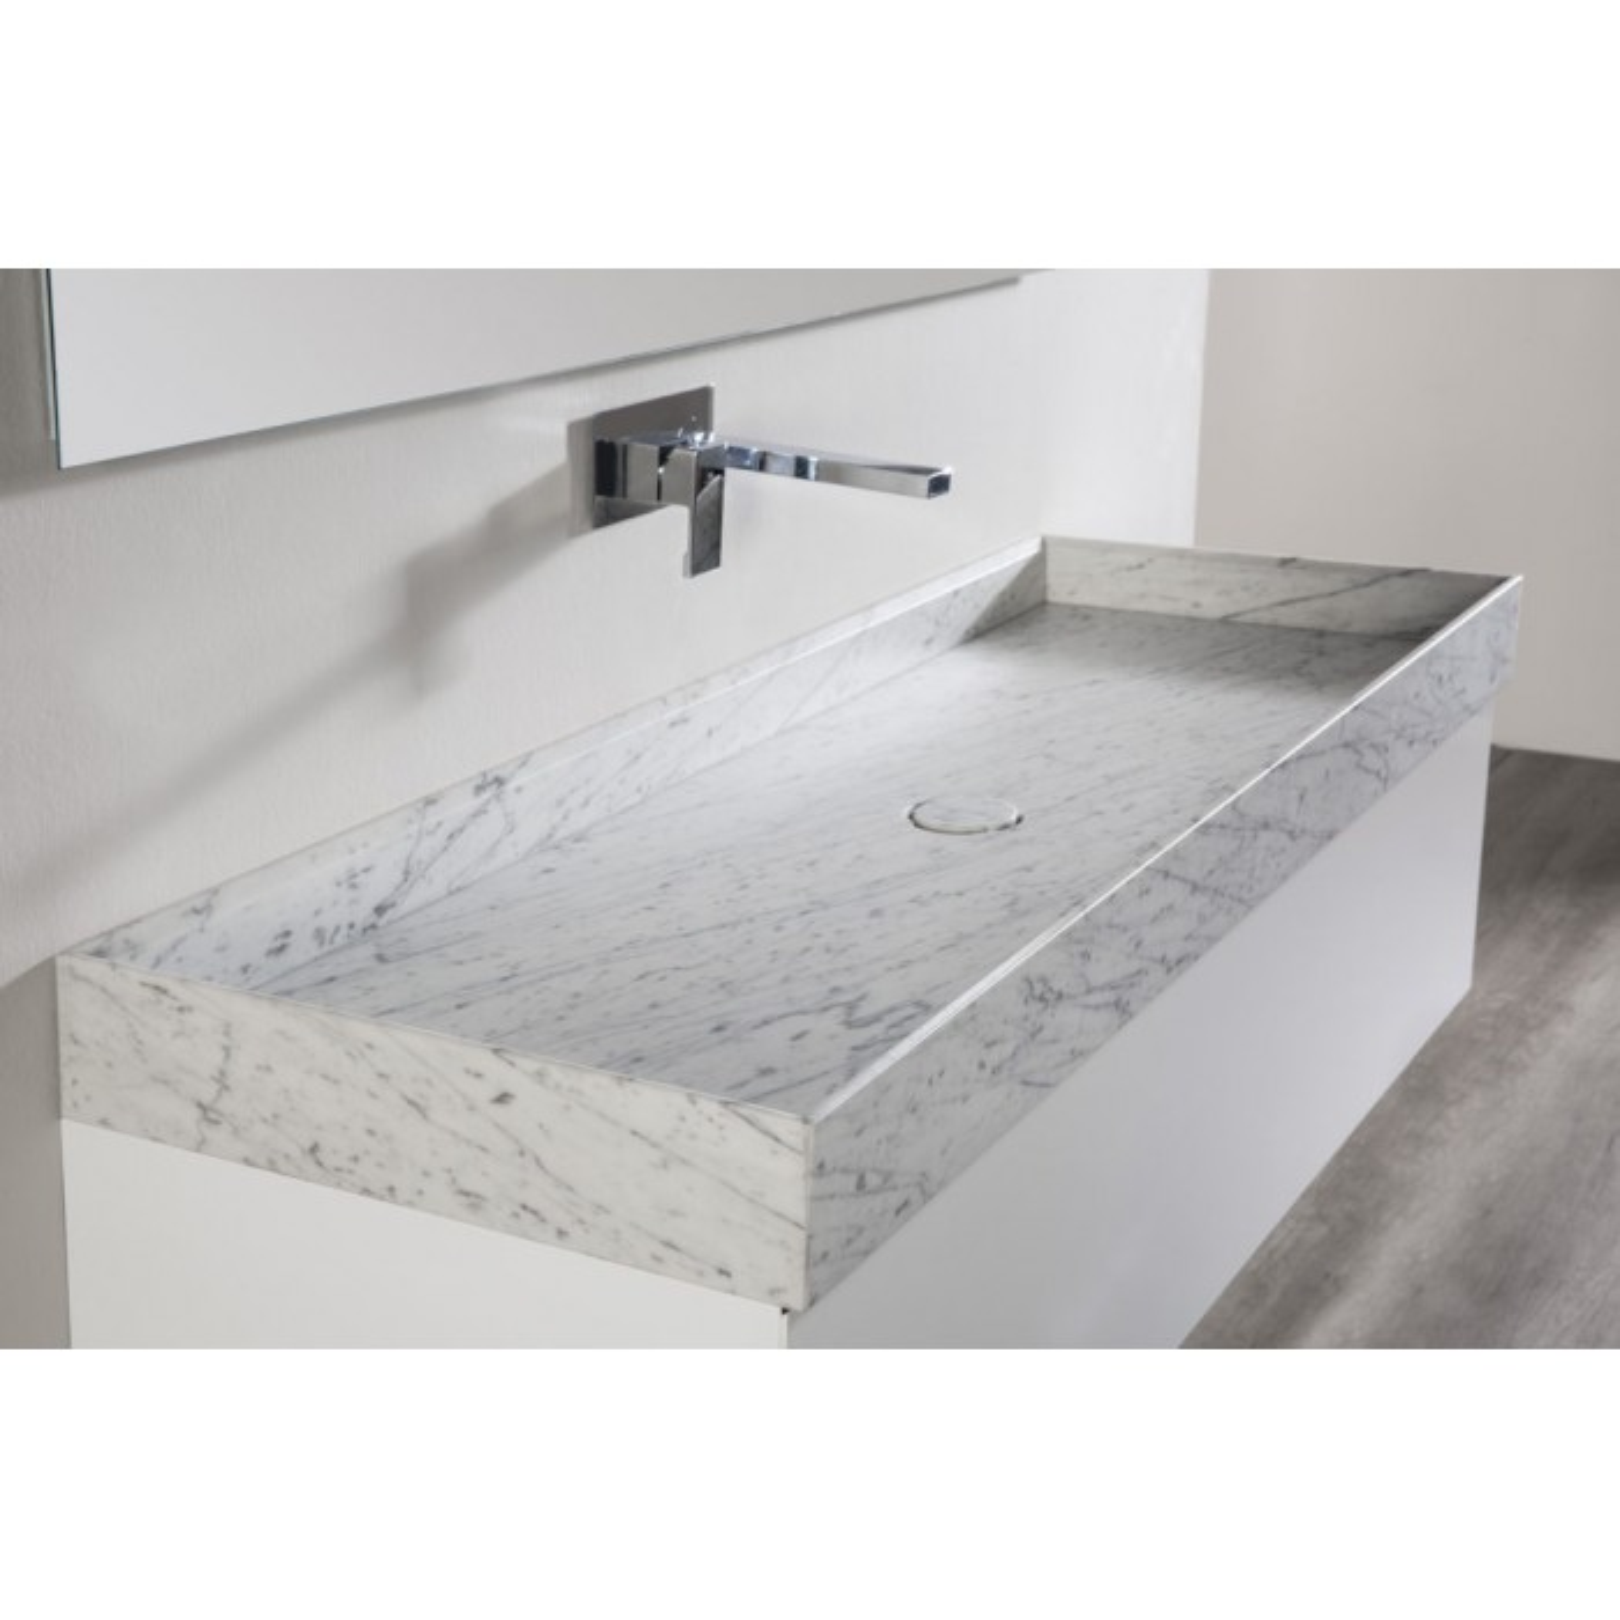 Meuble bain suspendu Marmor laqué blanc mat ou satiné et vasque marbre Carrare ou Lobo